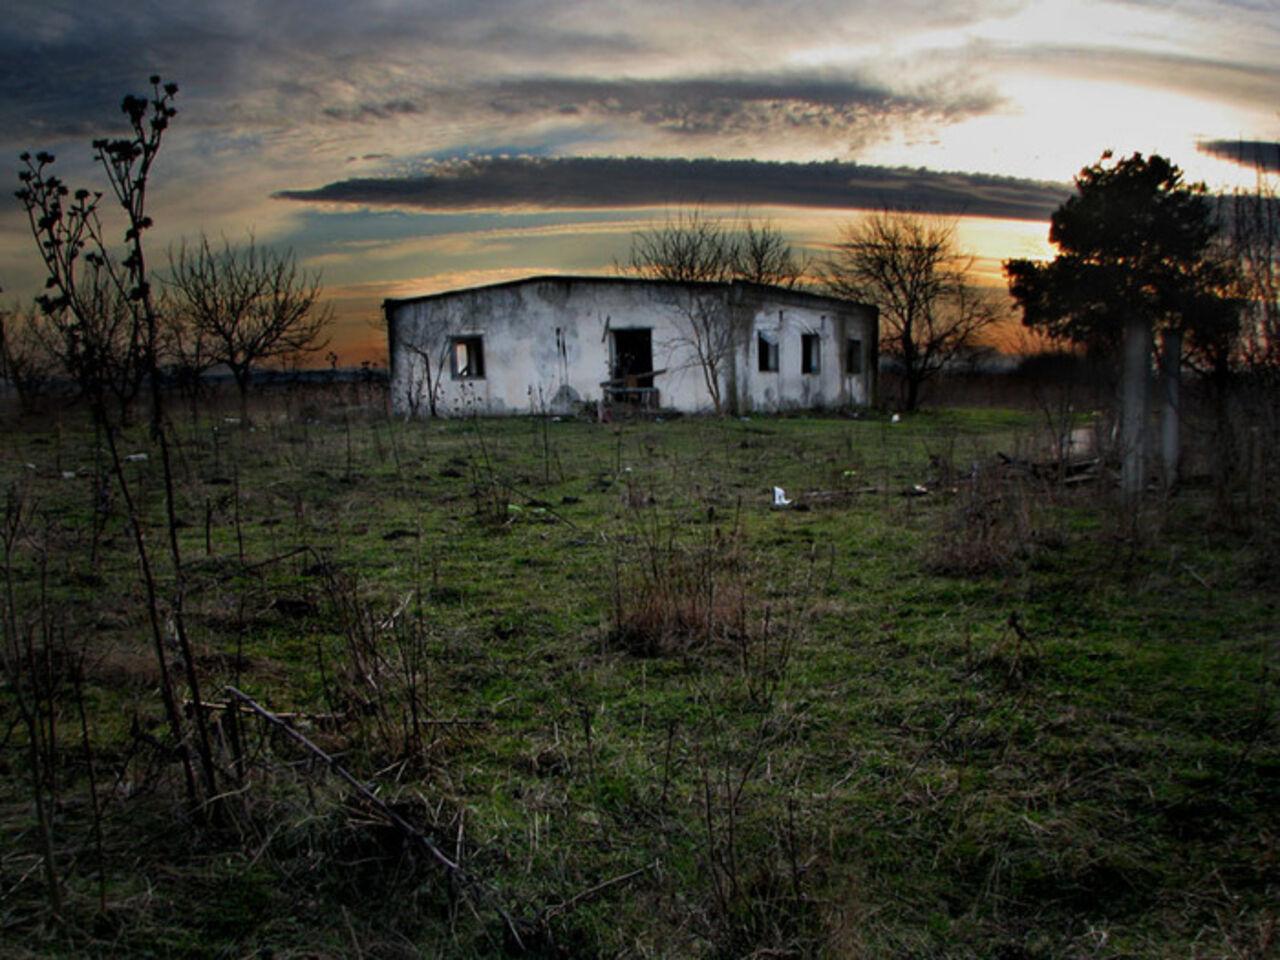 ВЛенобласти вподвале заброшенного дома отыскали мумию грудного ребенка